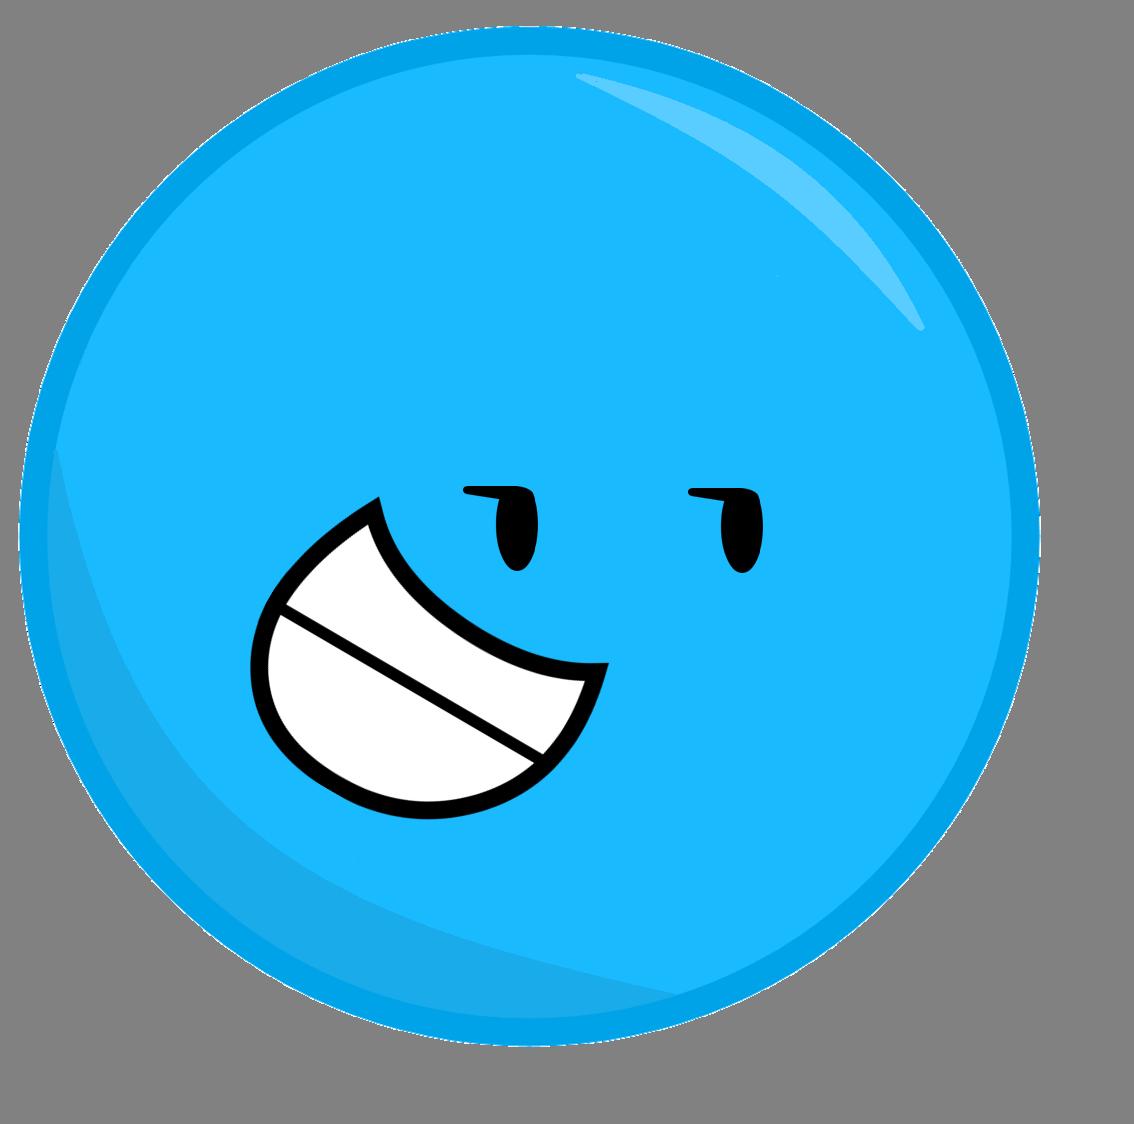 Randome clipart bouncing ball #4